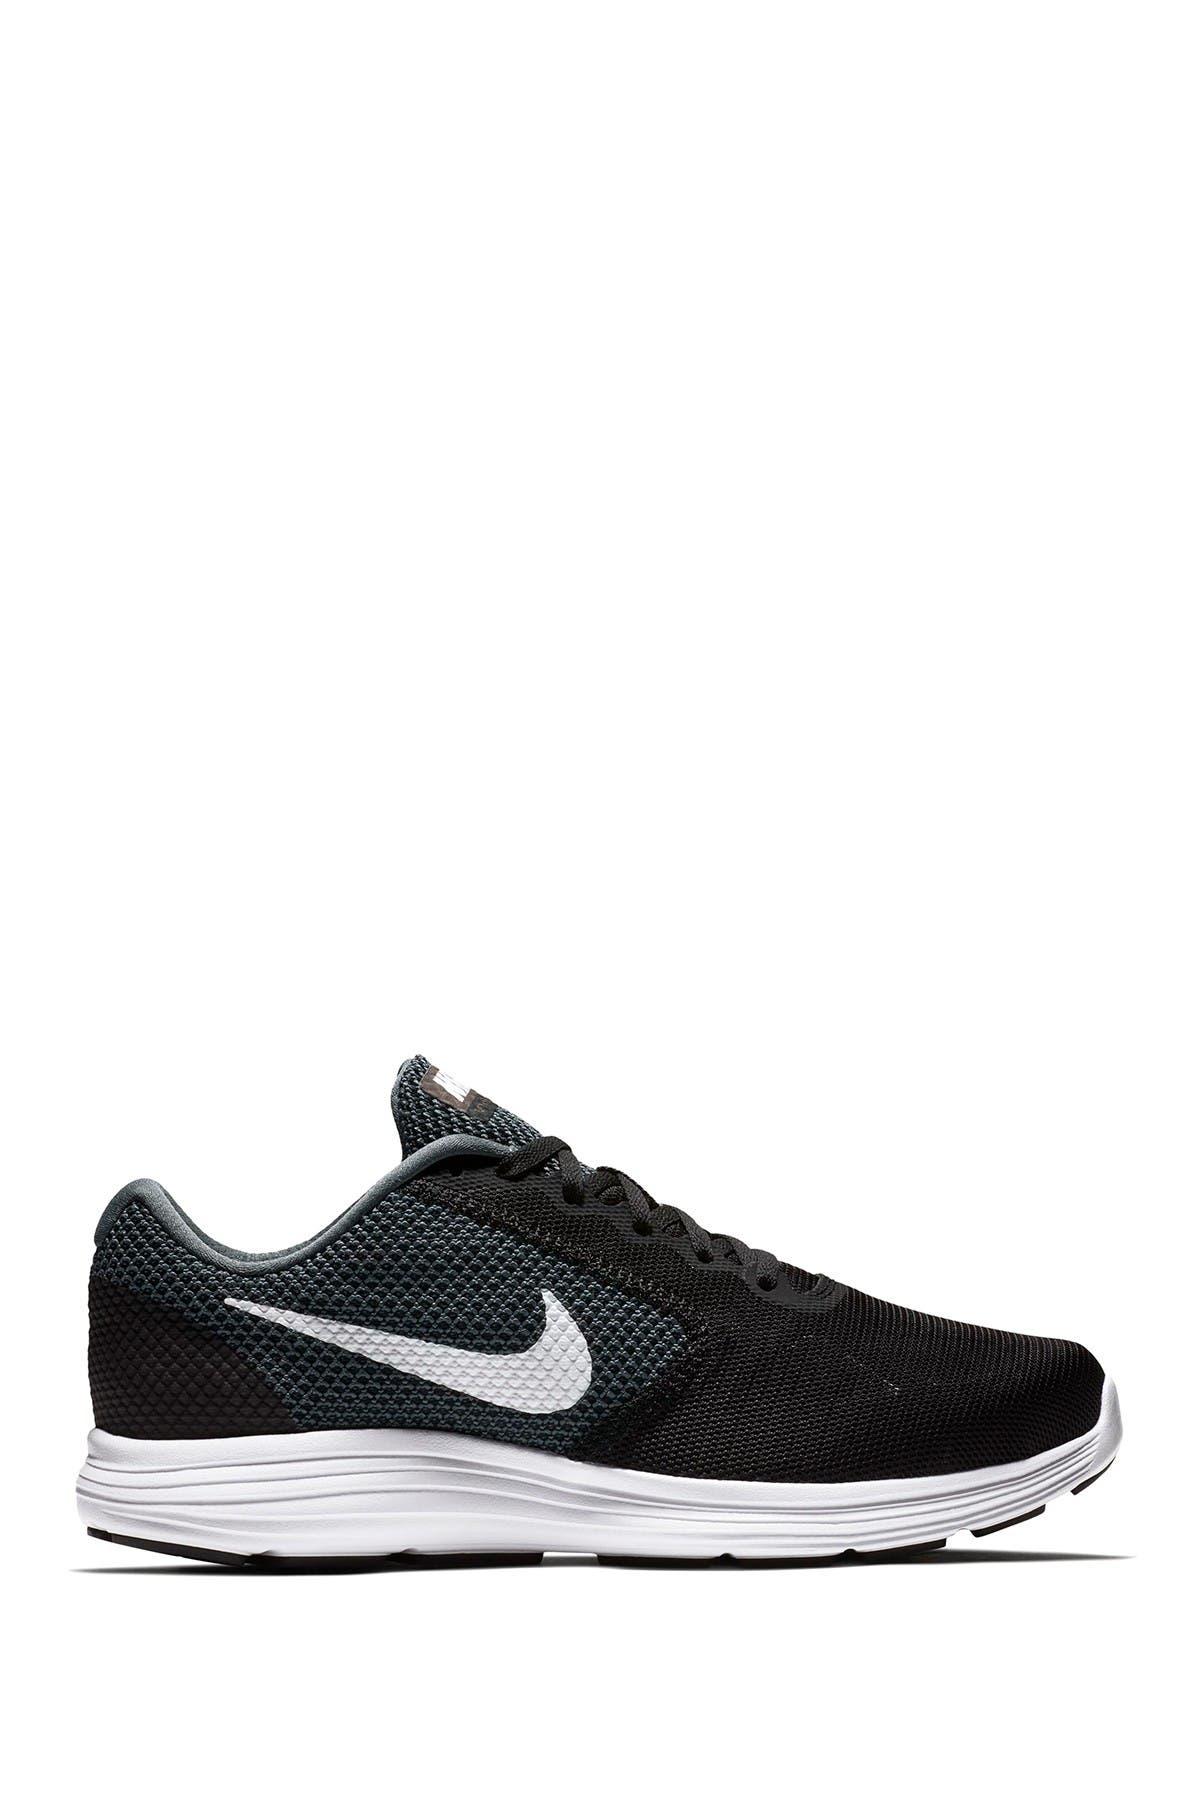 Nike   Revolution 3 4E Running Shoe